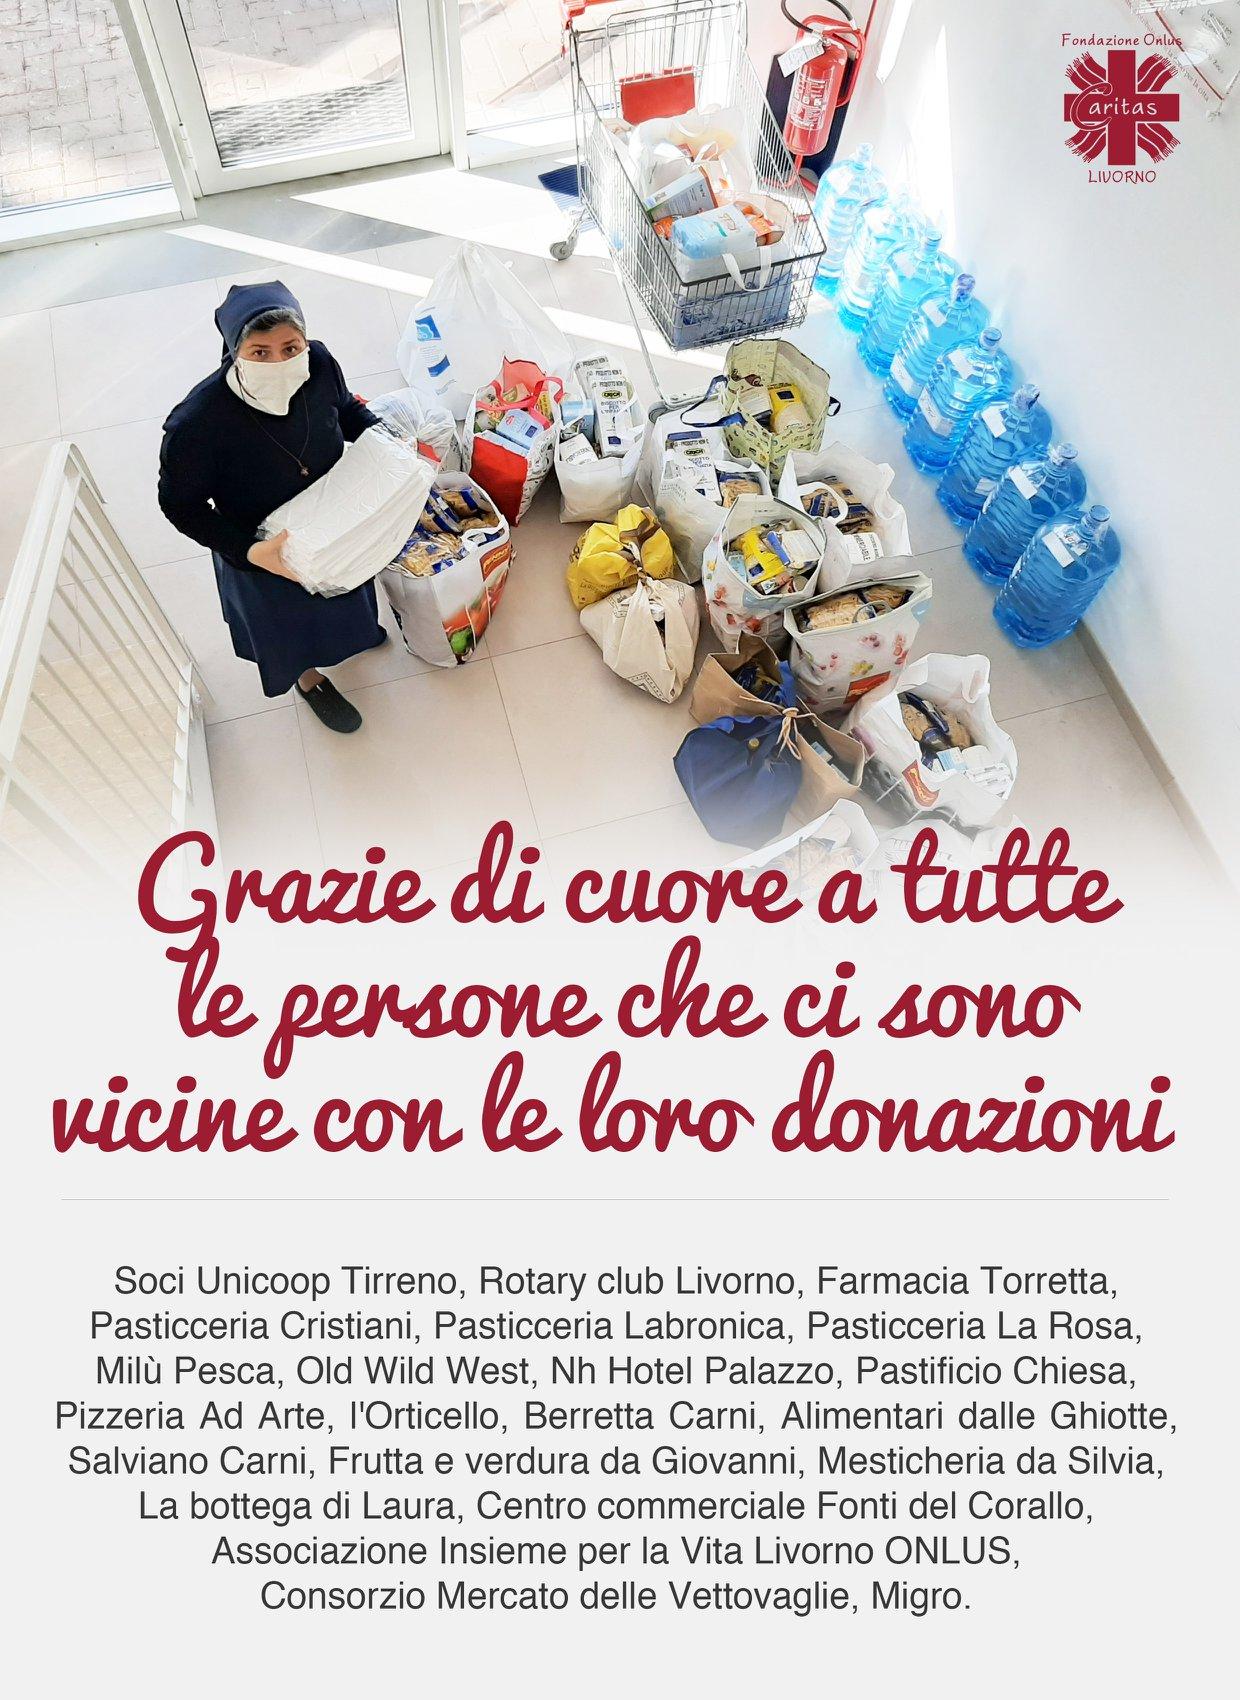 Grazie di cuore a tutte le persone che ci sono vicine con le loro donazioni